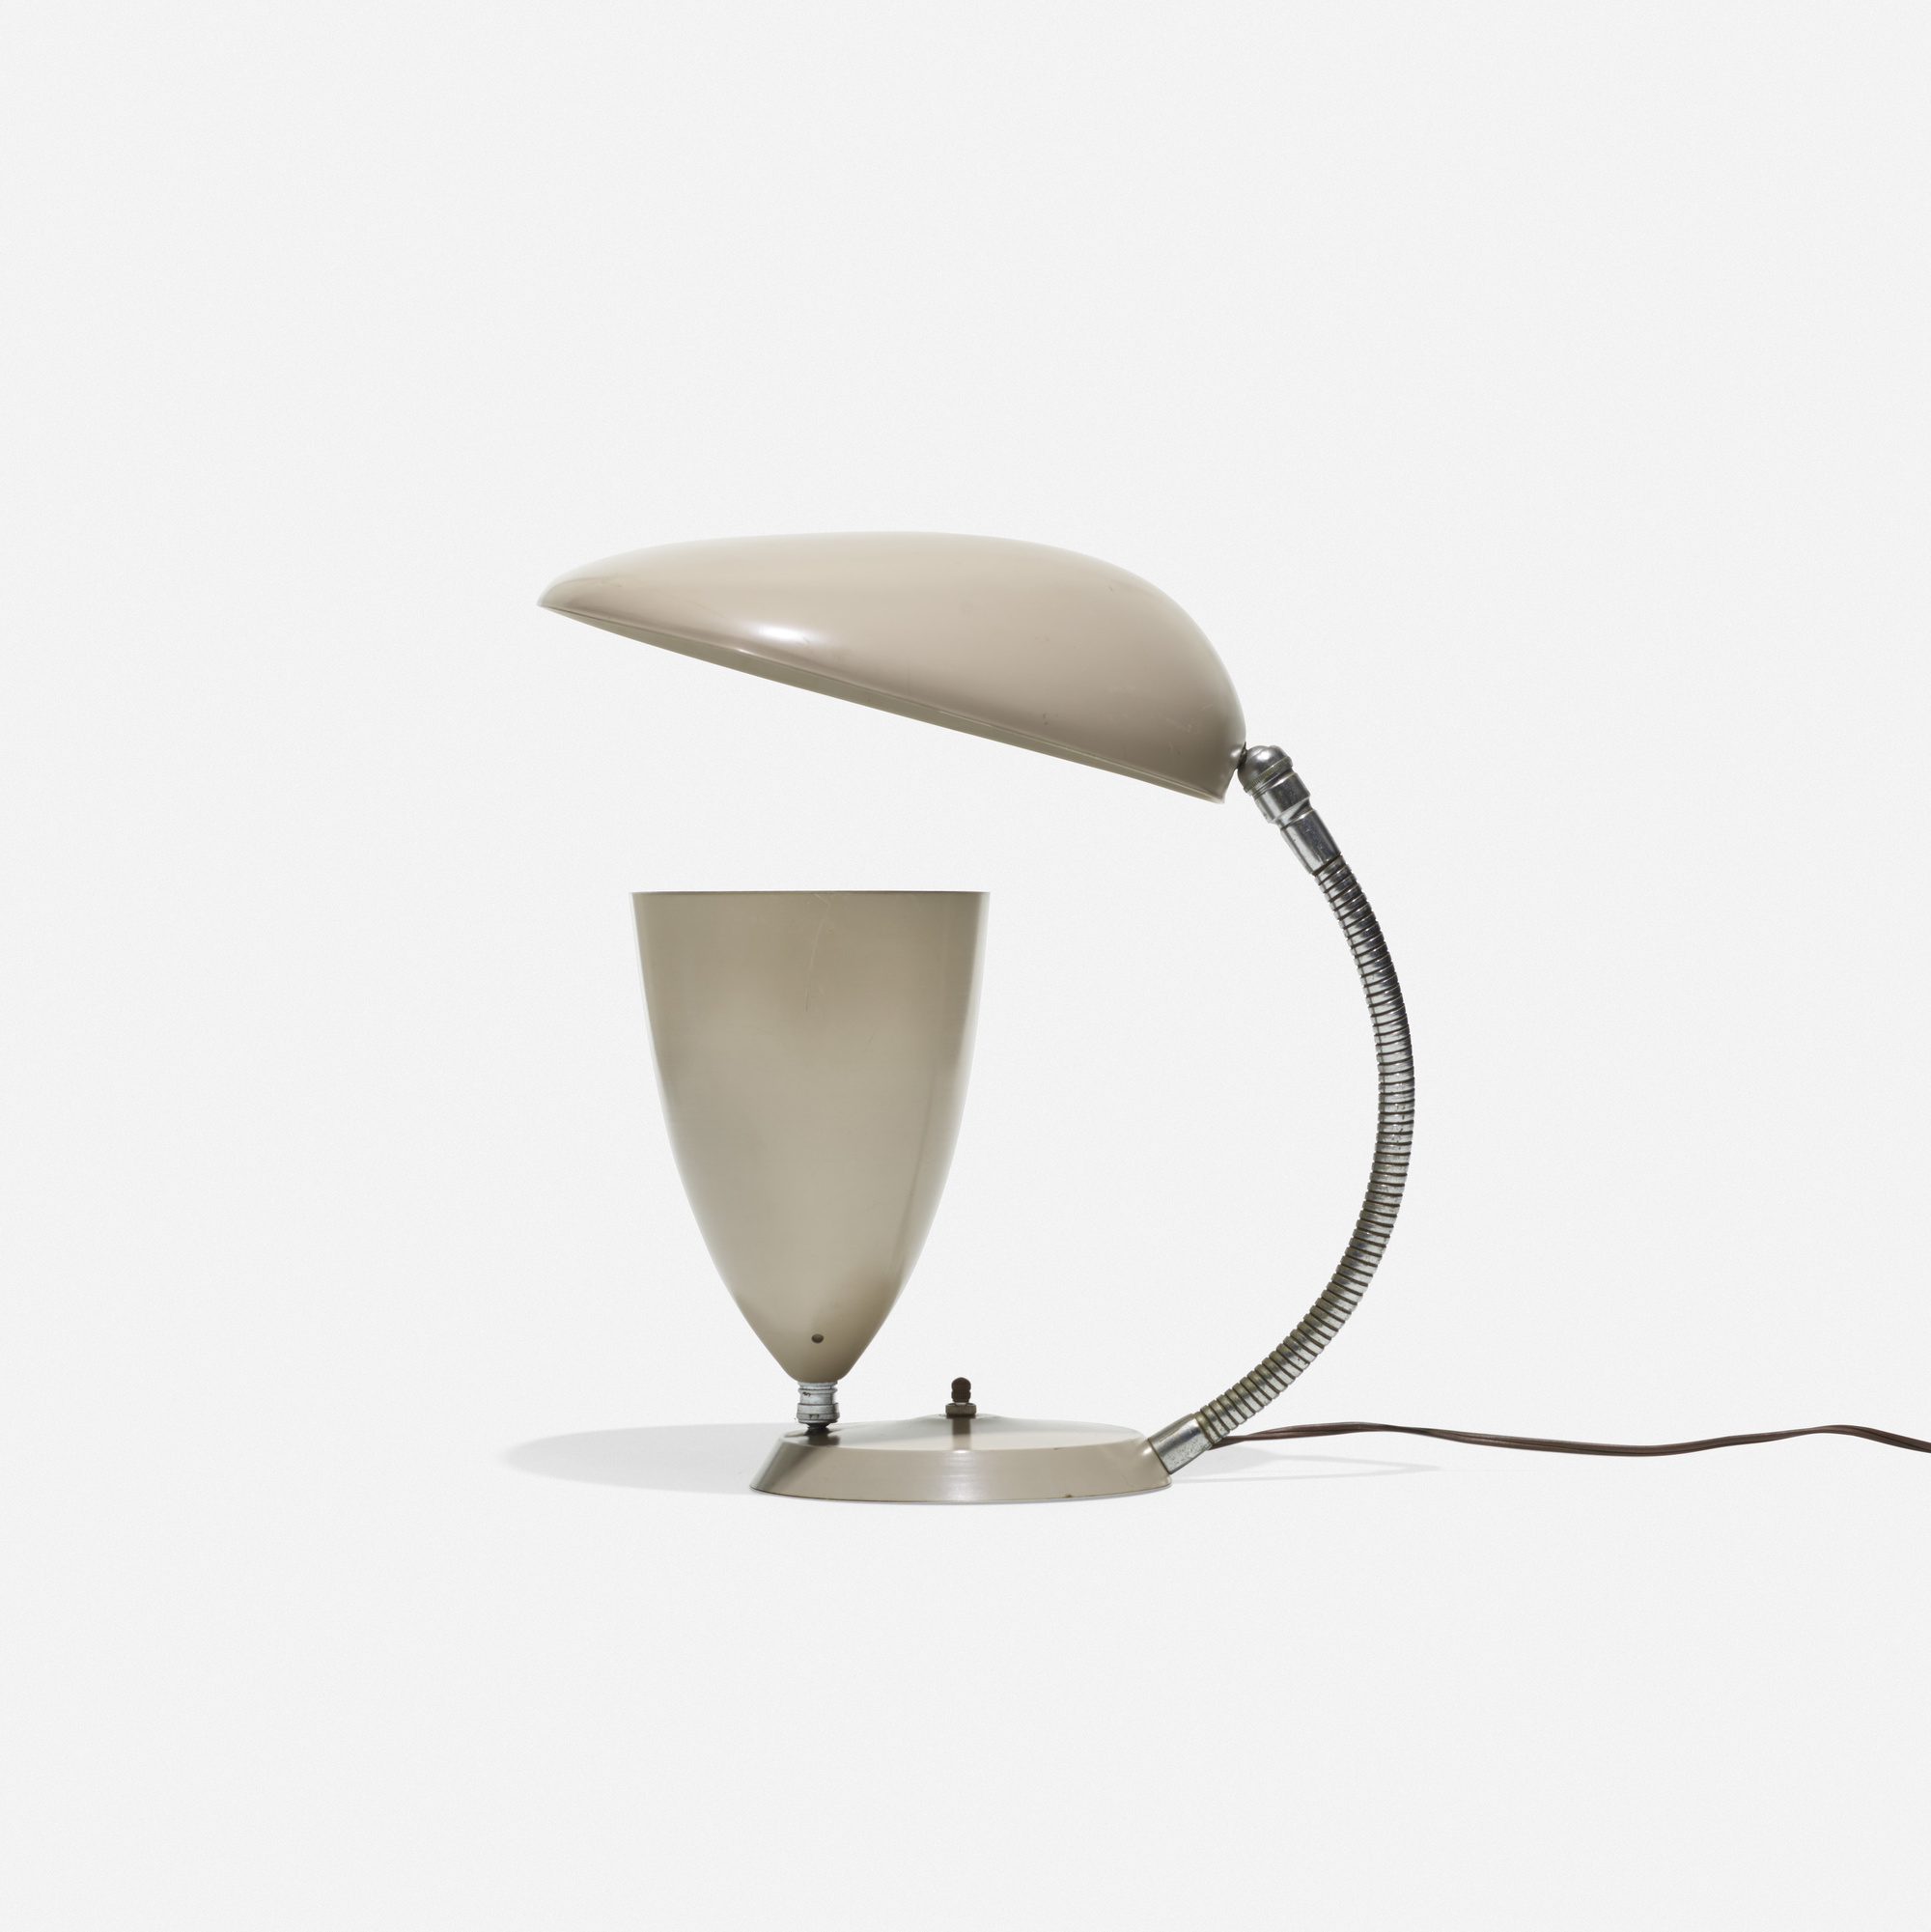 560 Greta Magnusson Grossman Cobra Table Lamp American Design